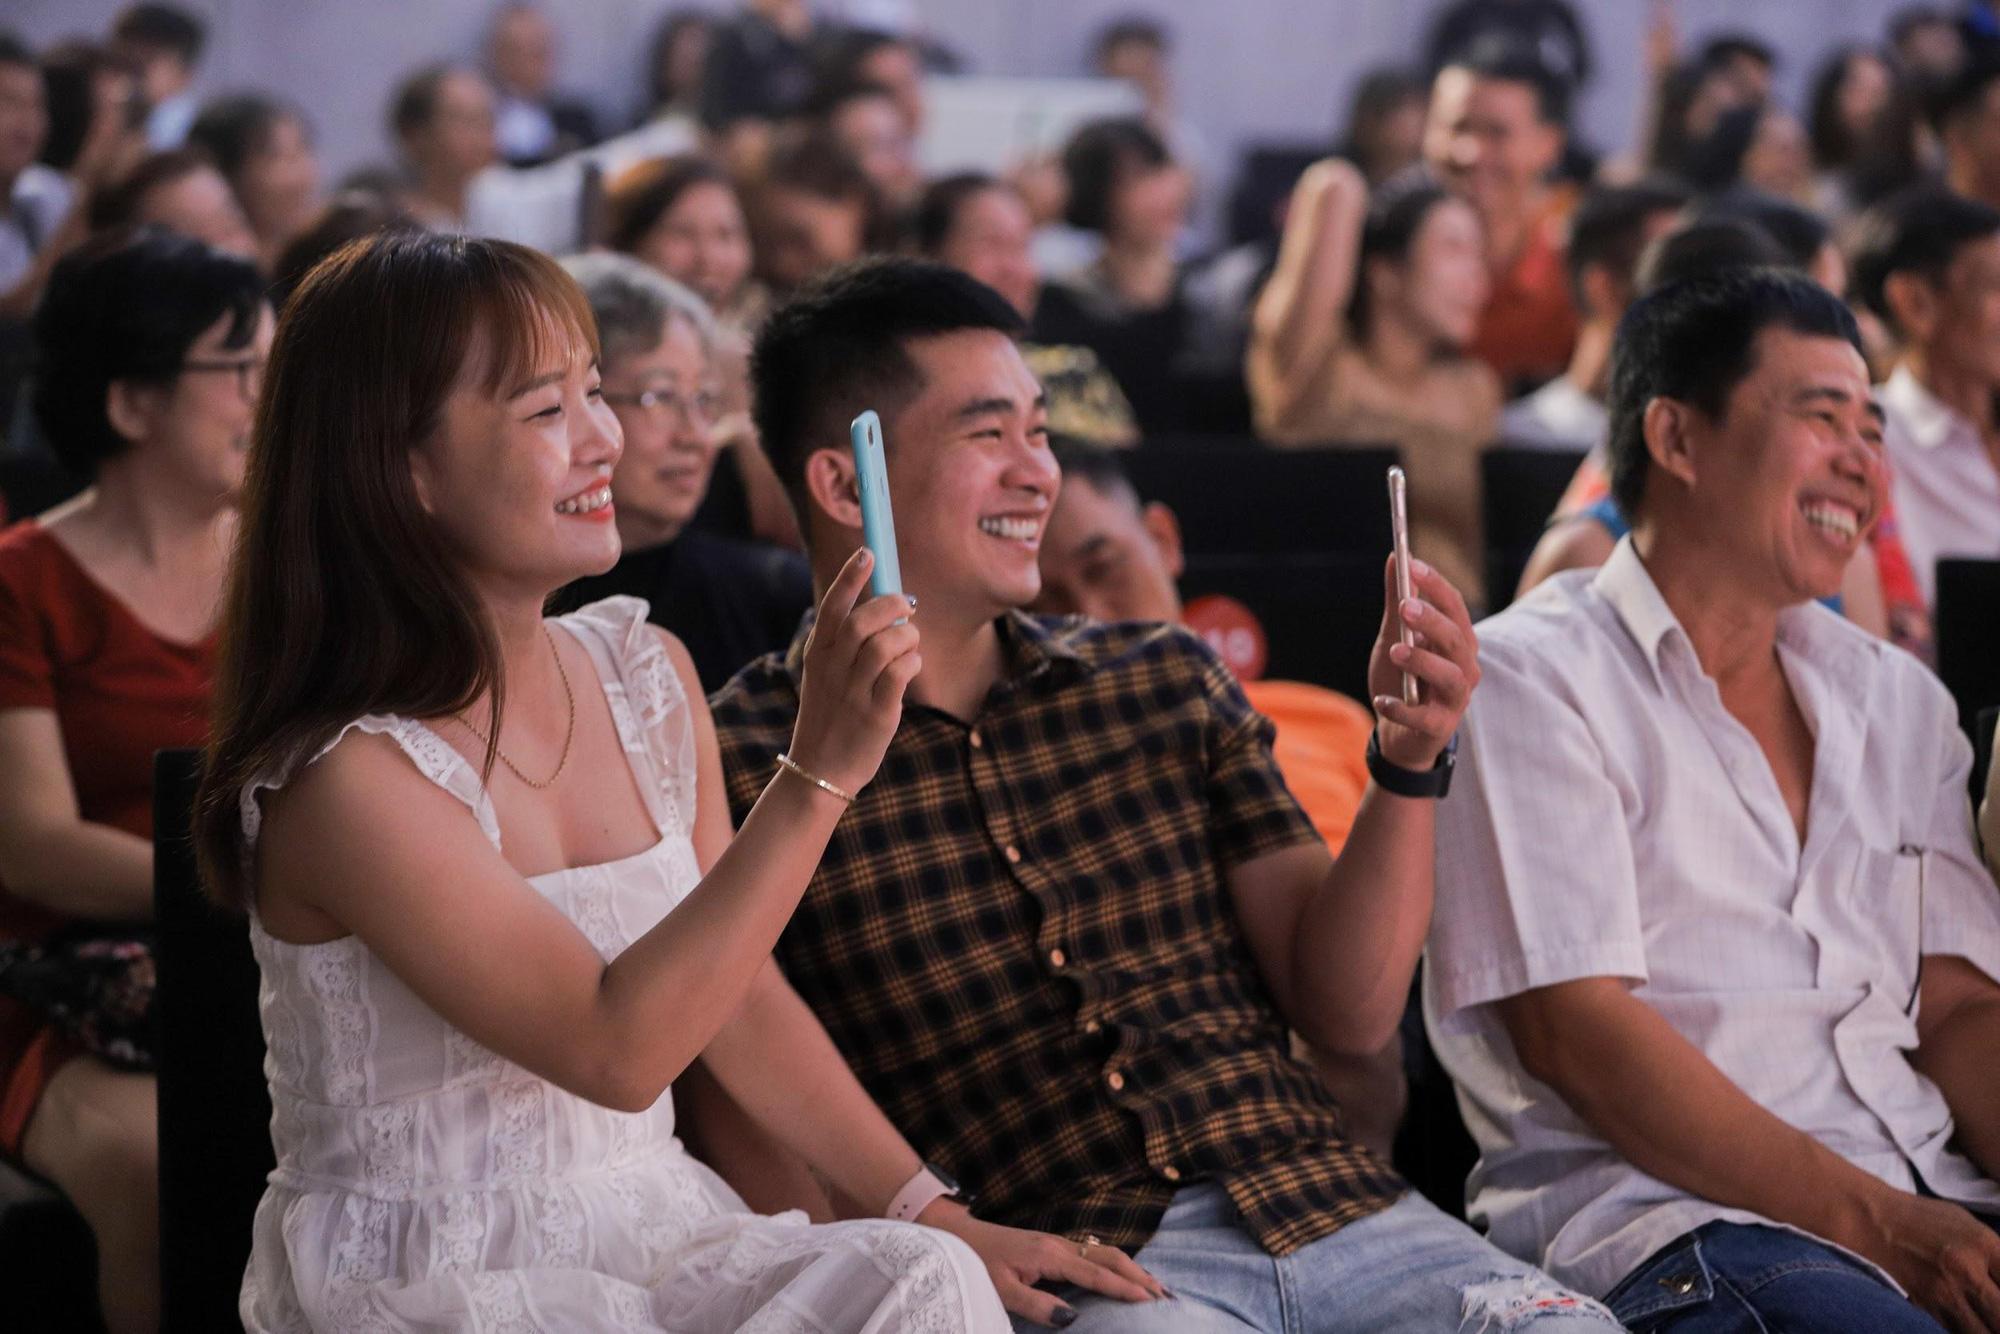 Loạt ảnh mới nhất xinh lung linh của Đông Nhi, Noo Phước Thịnh khiến khán giả trầm trồ trong đêm Gala Secret Concert – Chill Cùng Acecook - Ảnh 10.